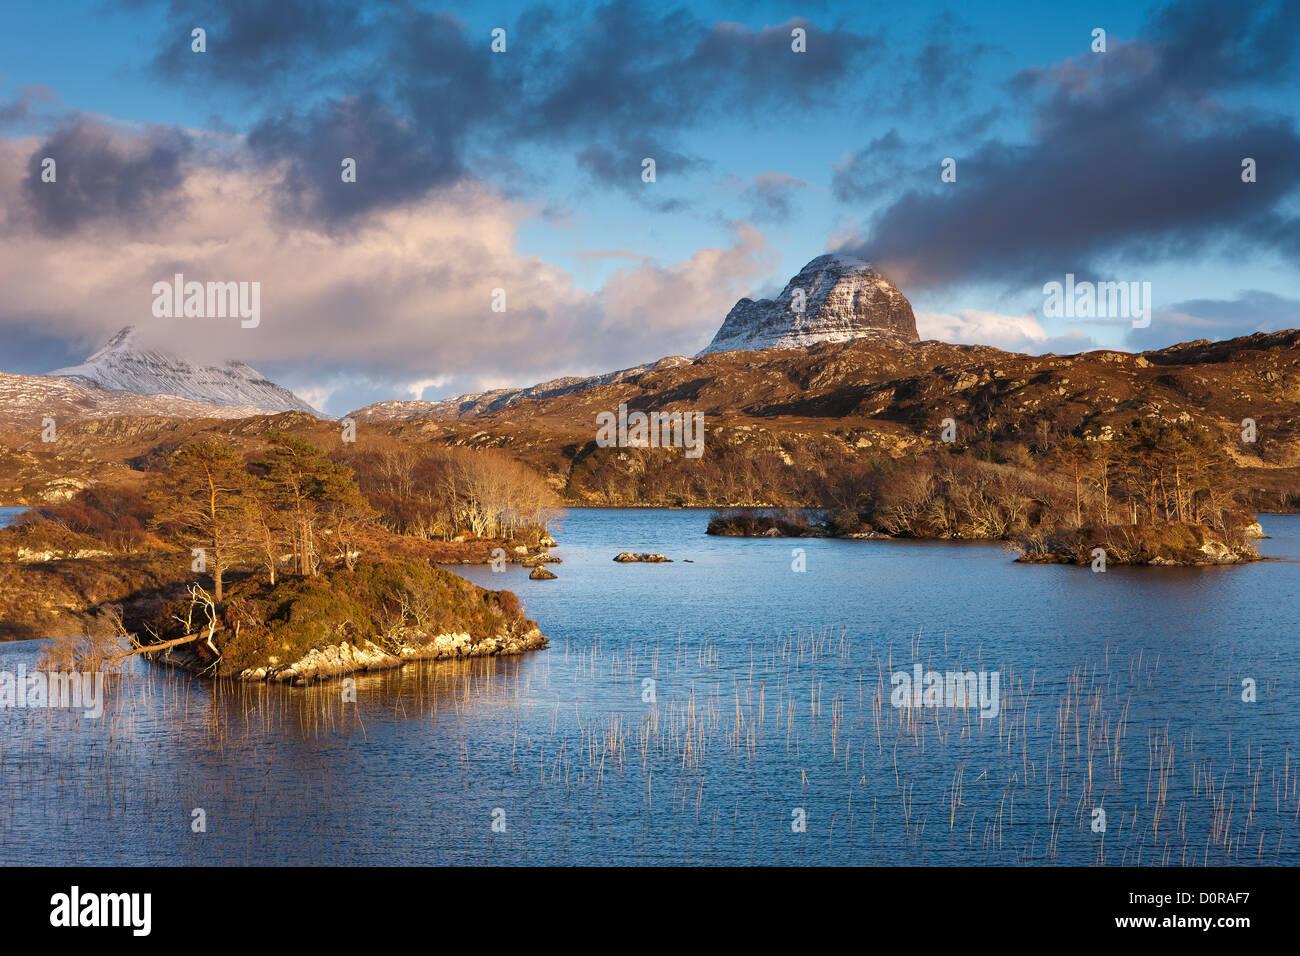 Loch Druim Suardalain avec Mts Canisp & Suilven saupoudrés de neige, Sutherland, Scotland Photo Stock